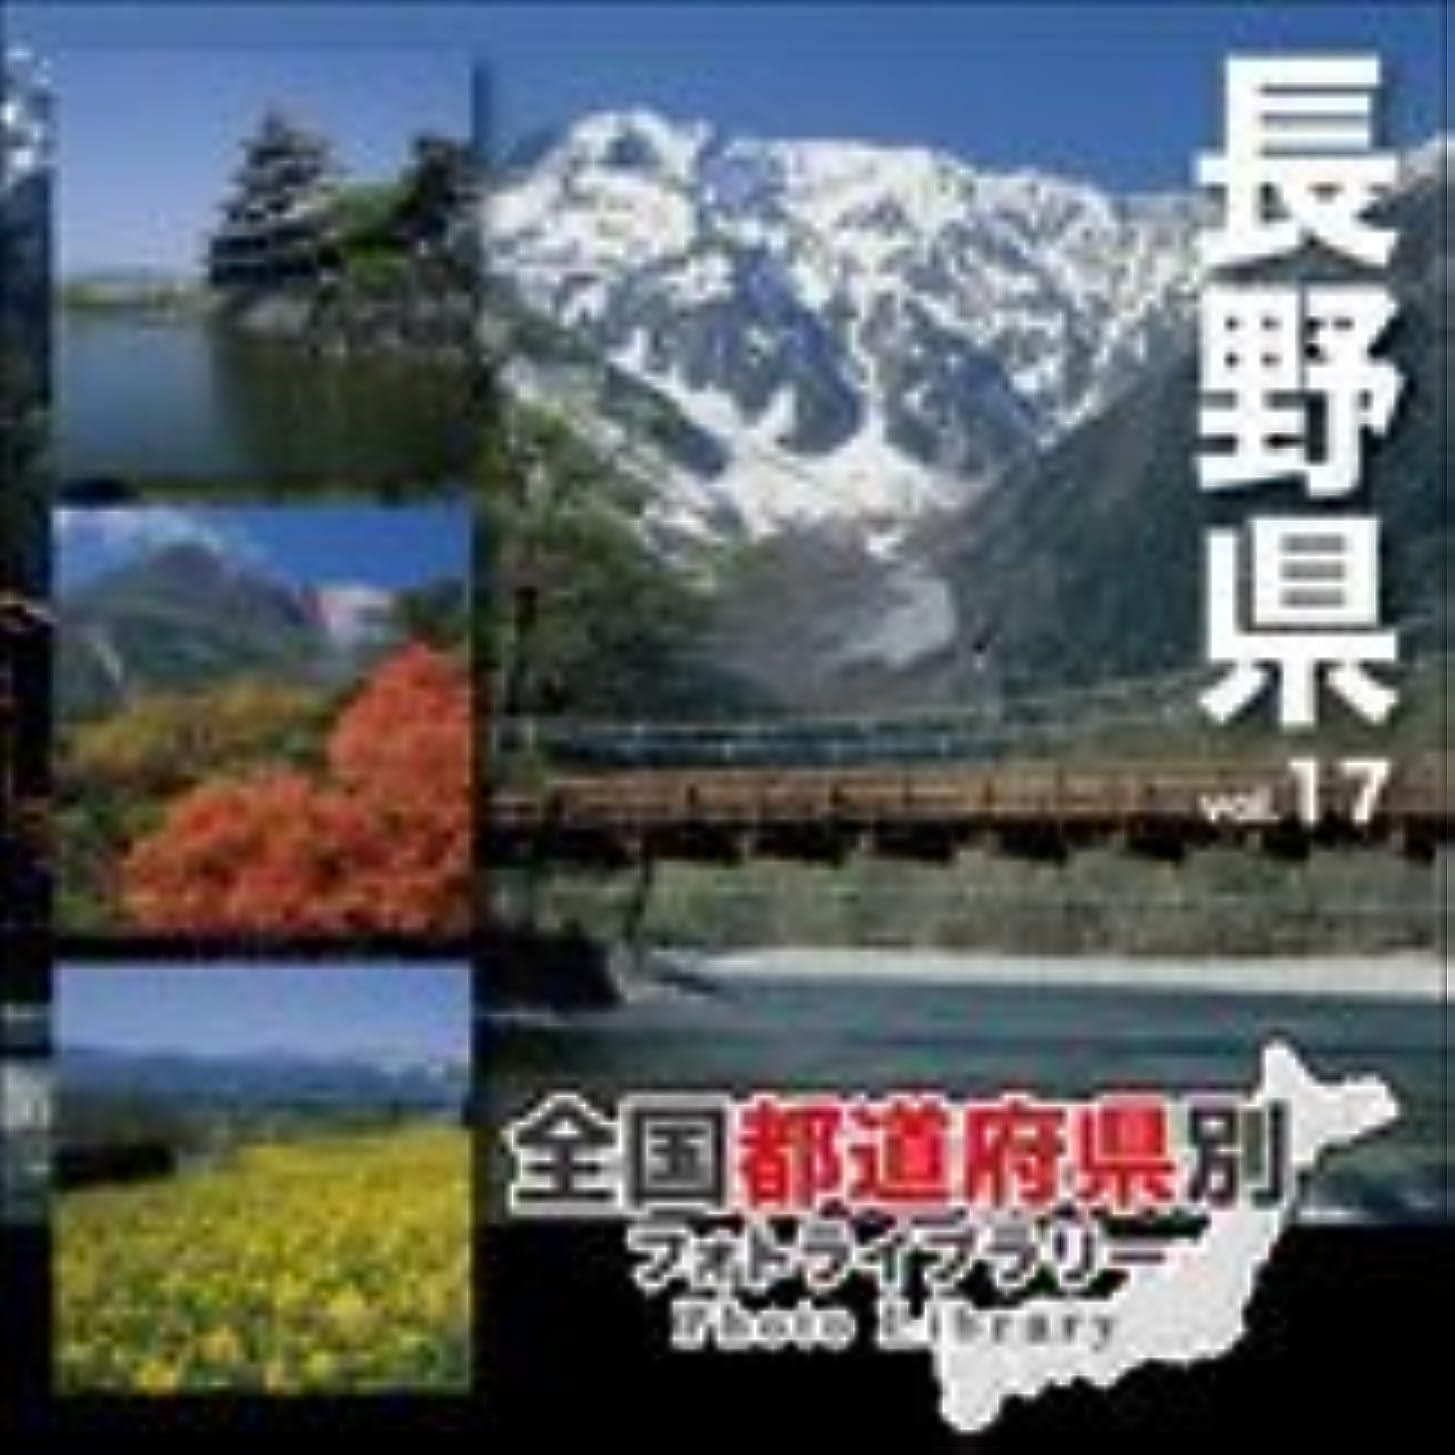 再撮りファーム従者全国都道府県別フォトライブラリー Vol.17 長野県